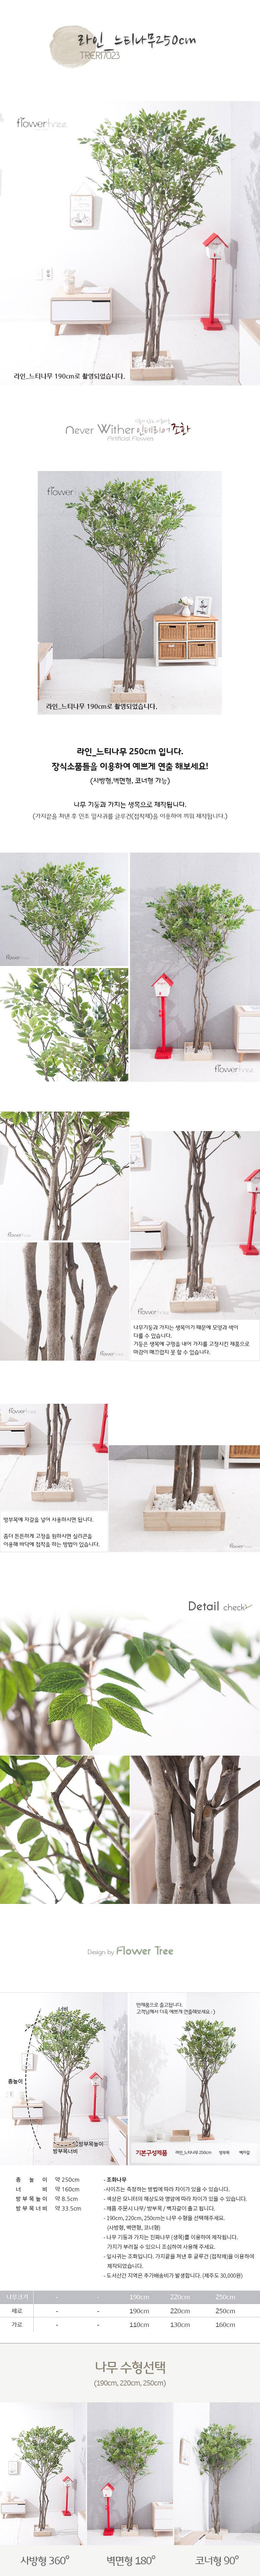 라인_느티나무 250cm FREOFT - 플라워트리, 299,000원, 조화, 카네이션(조화)